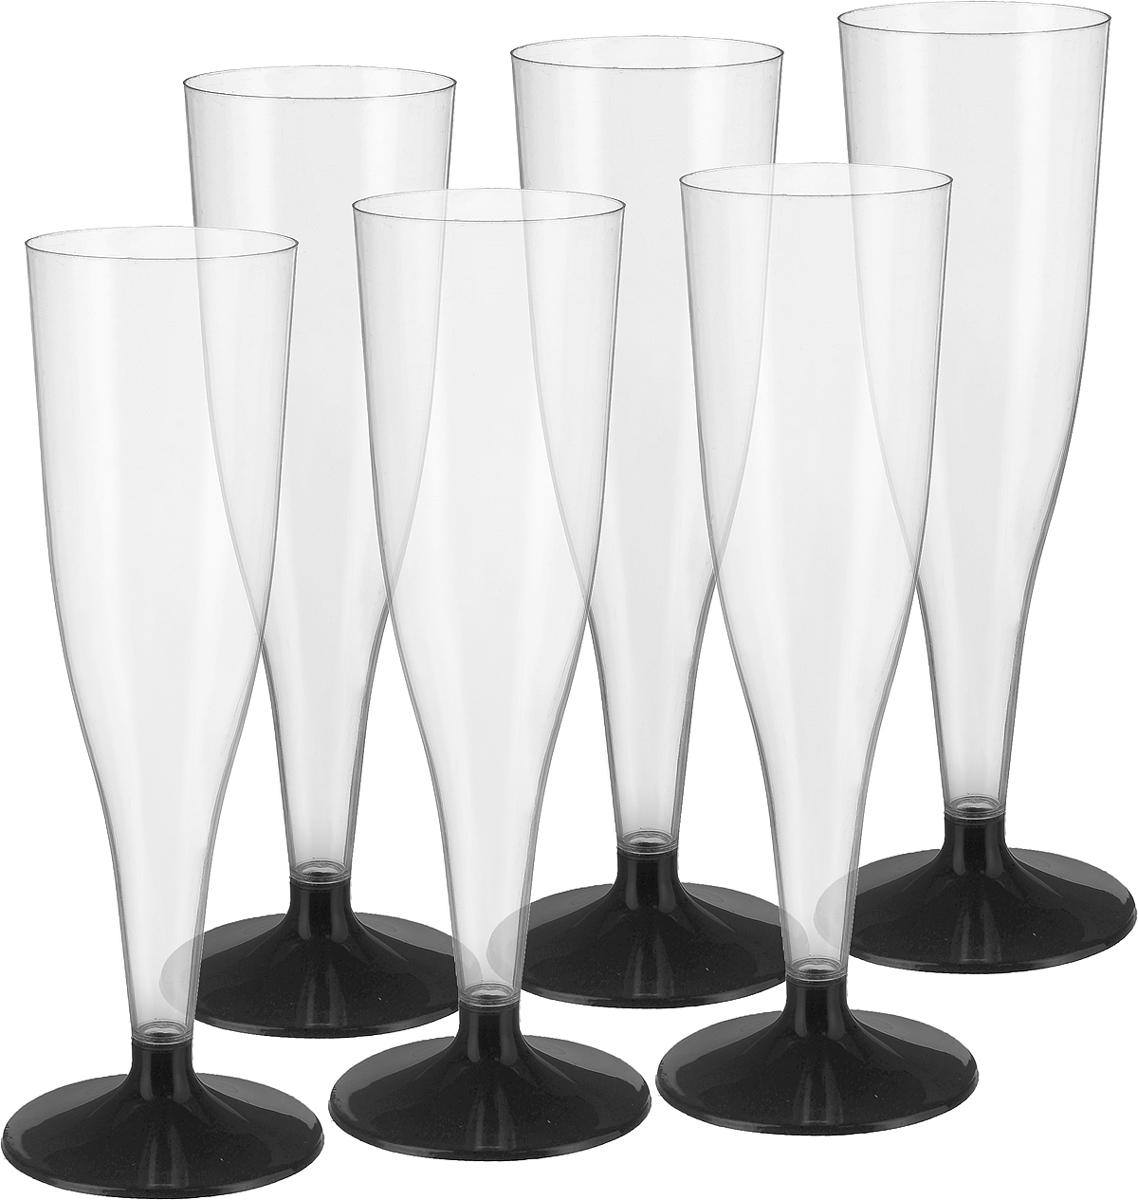 Фужер для коктейлей Buffet, цвет: прозрачный, черный, 100 мл, 6 шт182273/Фужер для коктейлей Buffet выполнен из полистирола. Предназаначен для холодных и горячих (до +70С) напитков. В комплекте 6 шт.